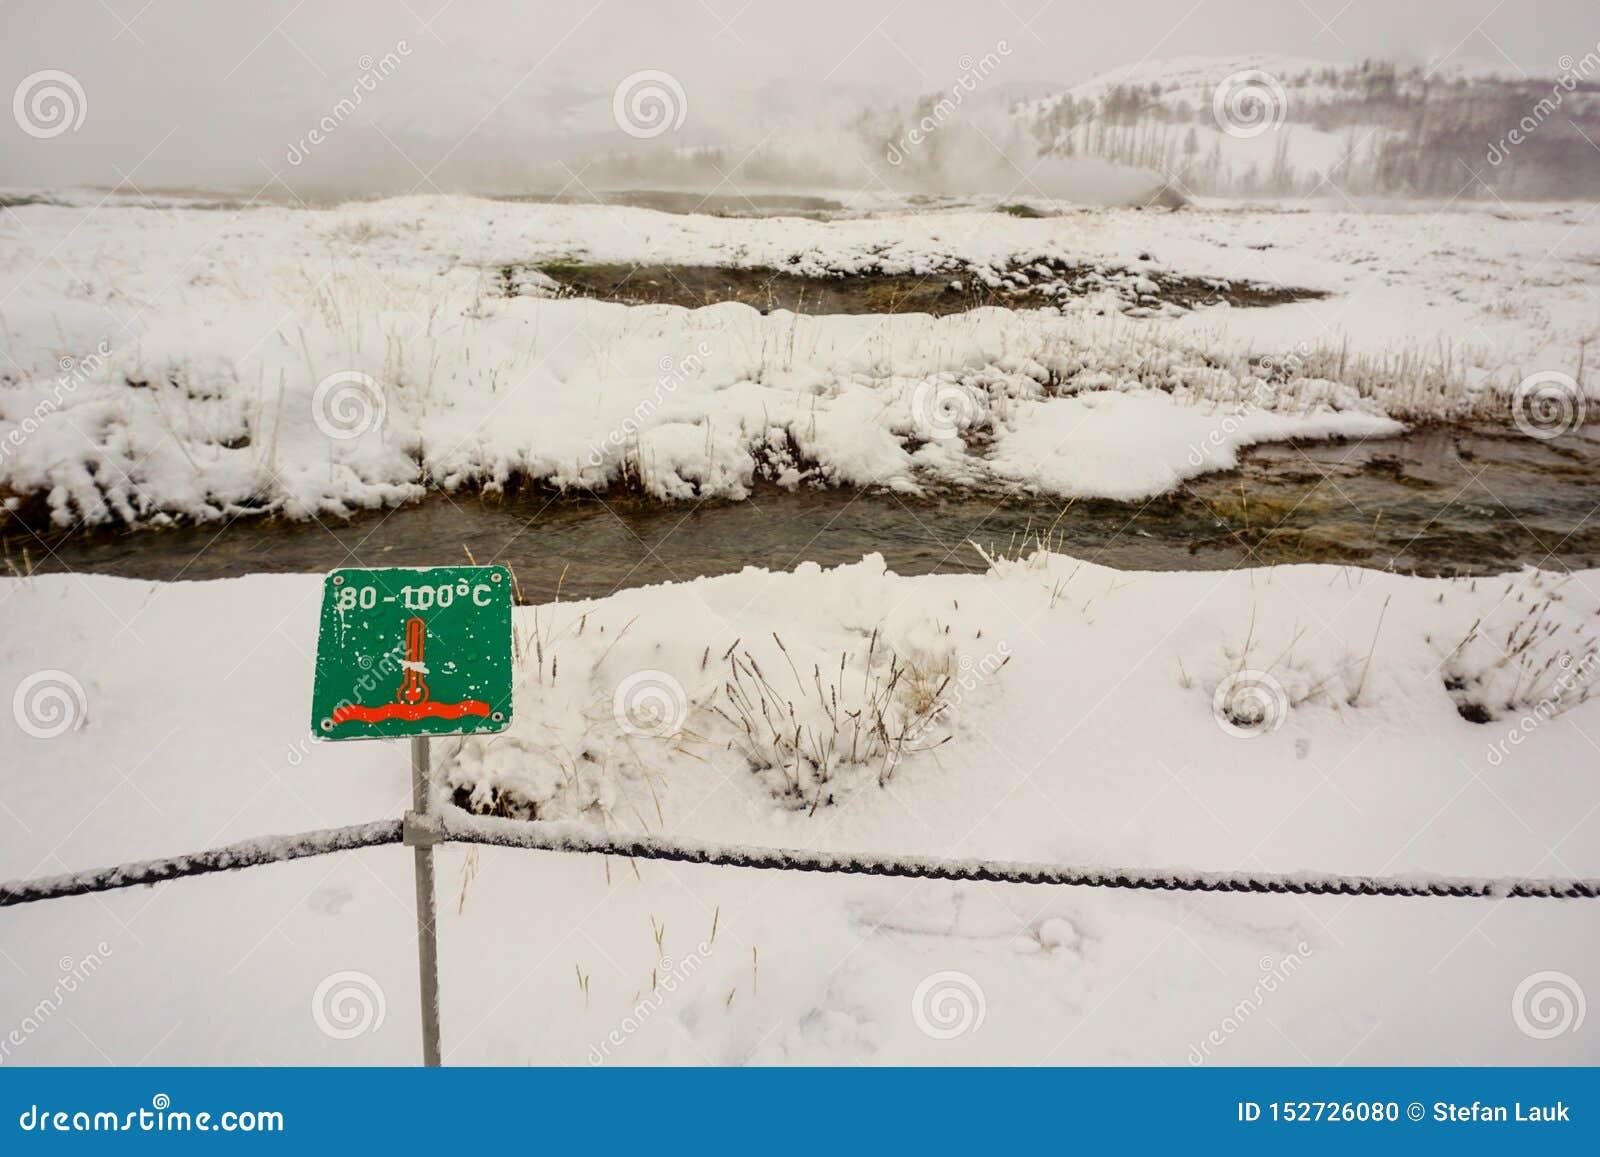 La temperatura en esta área geotérmica podría ser hasta 100 grados, aunque sea invierno y todo se cubre en nieve